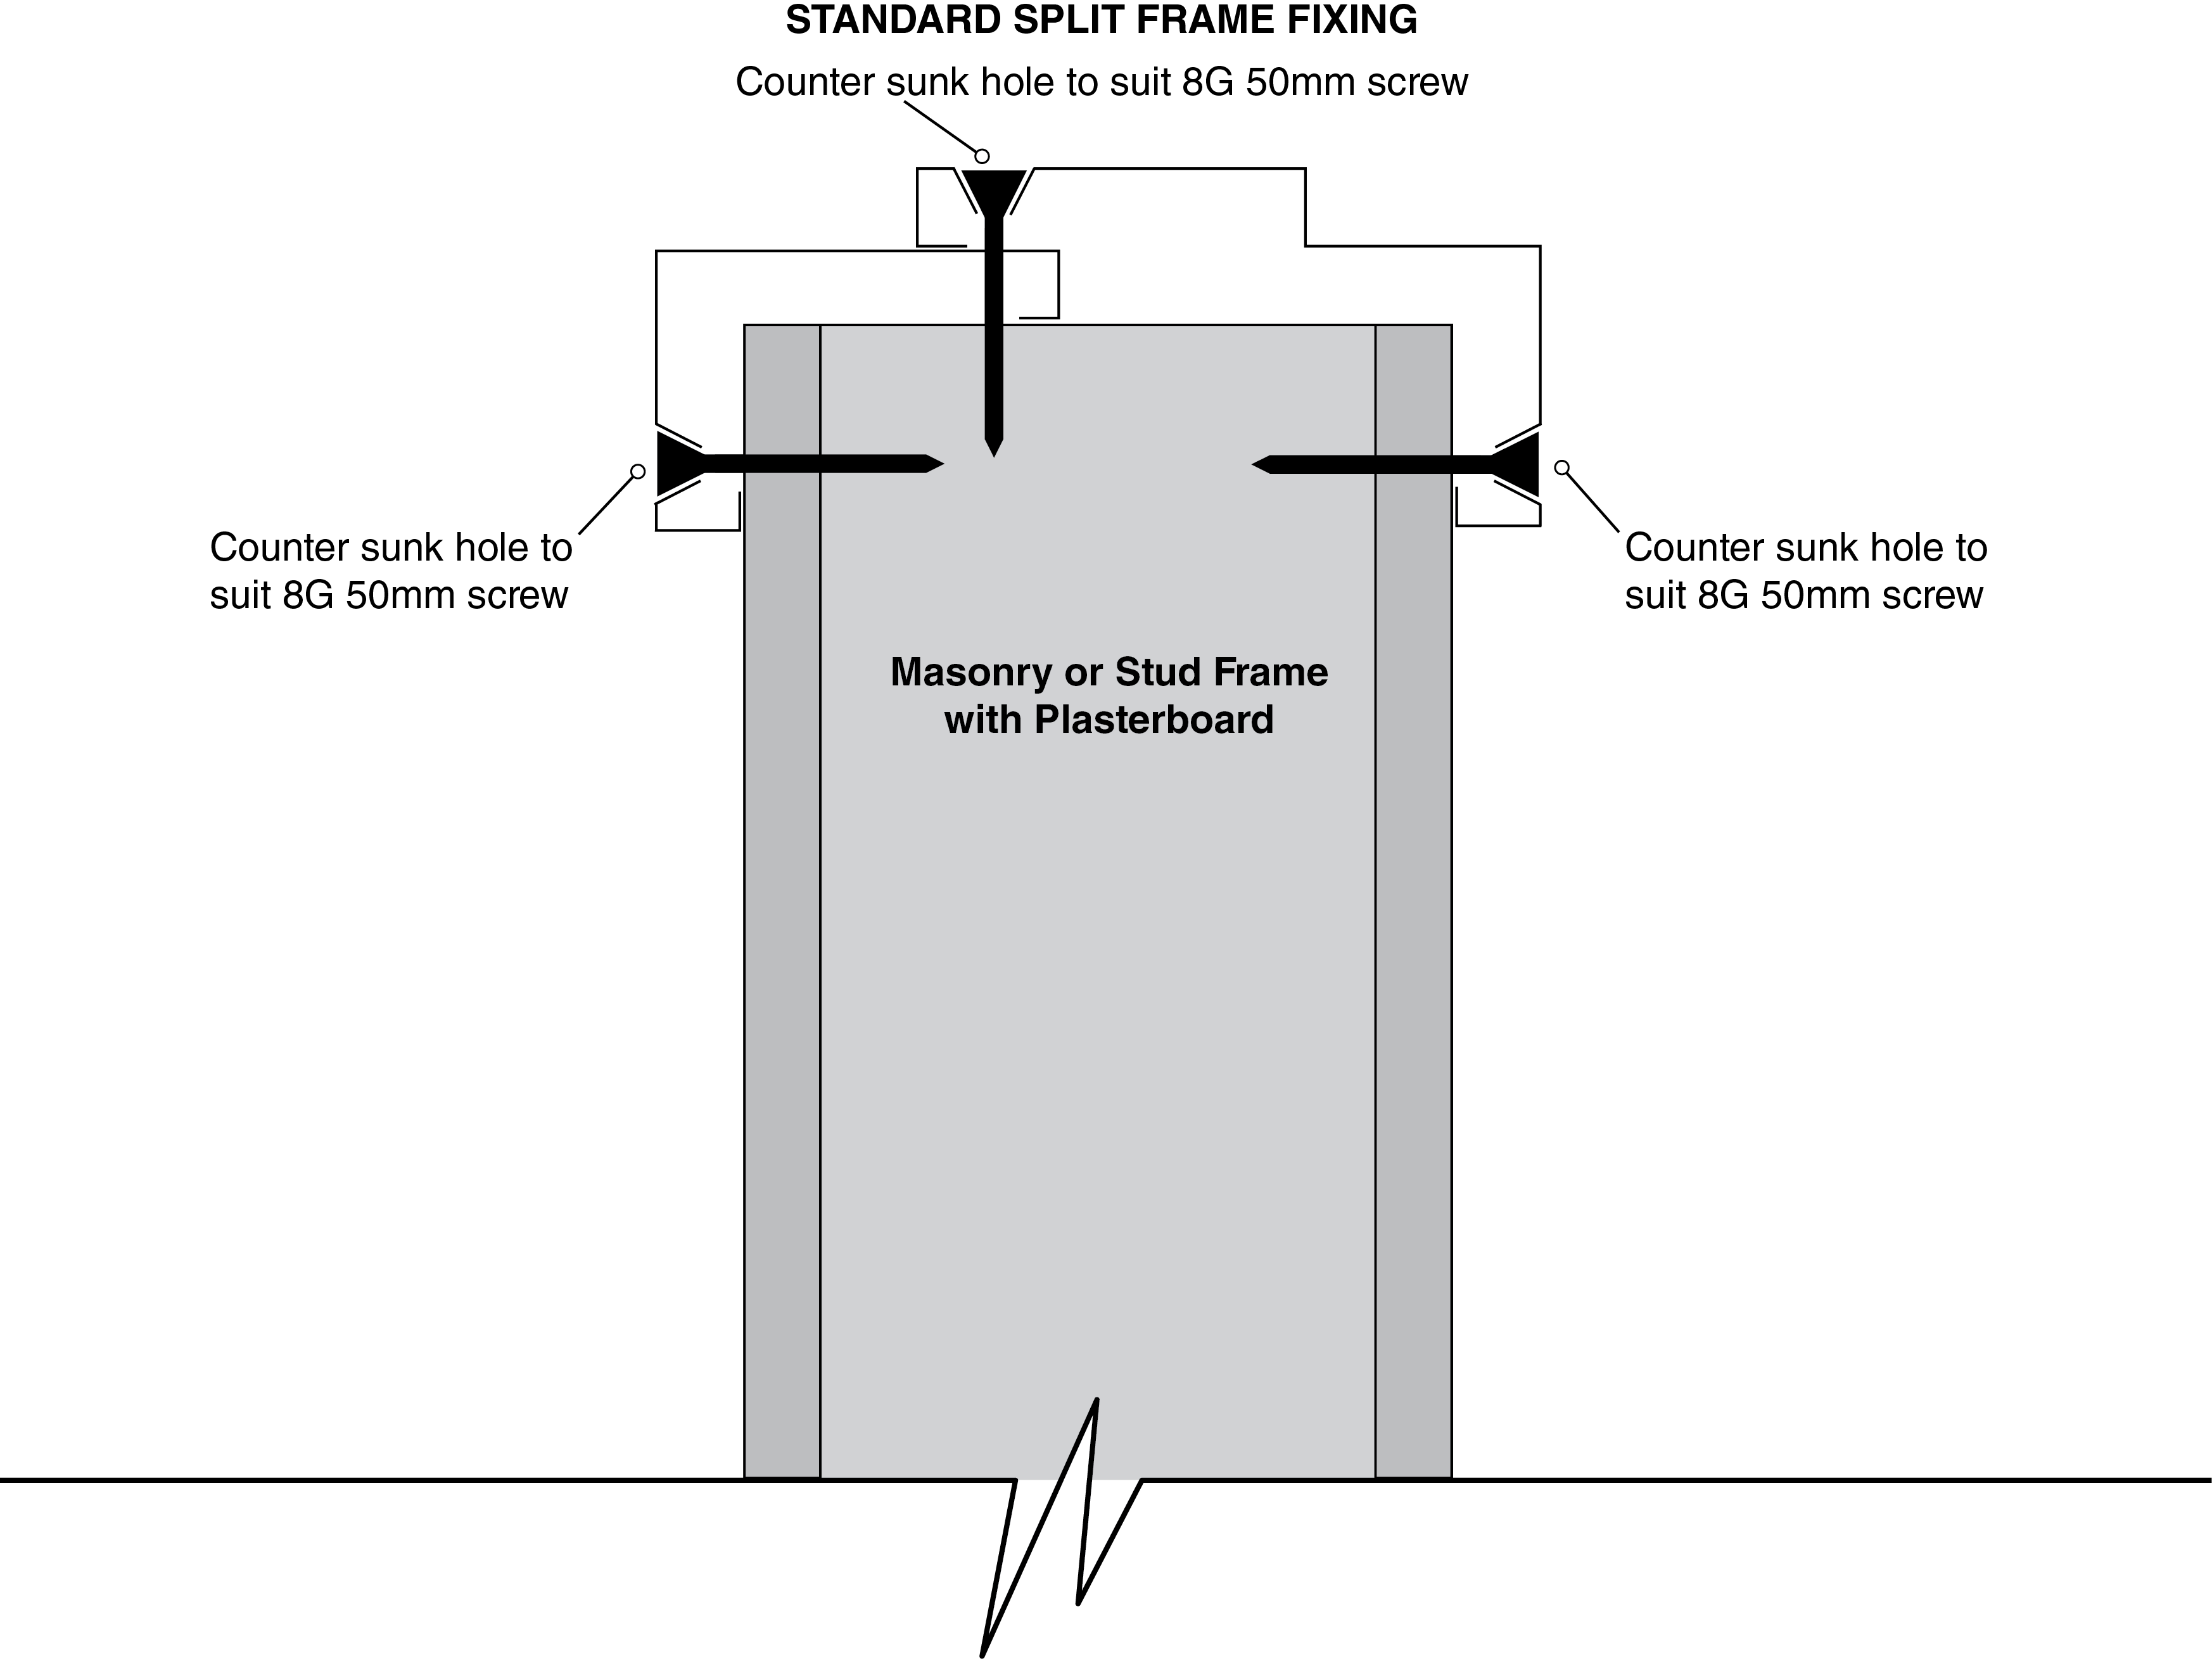 Standard Split frame fixing